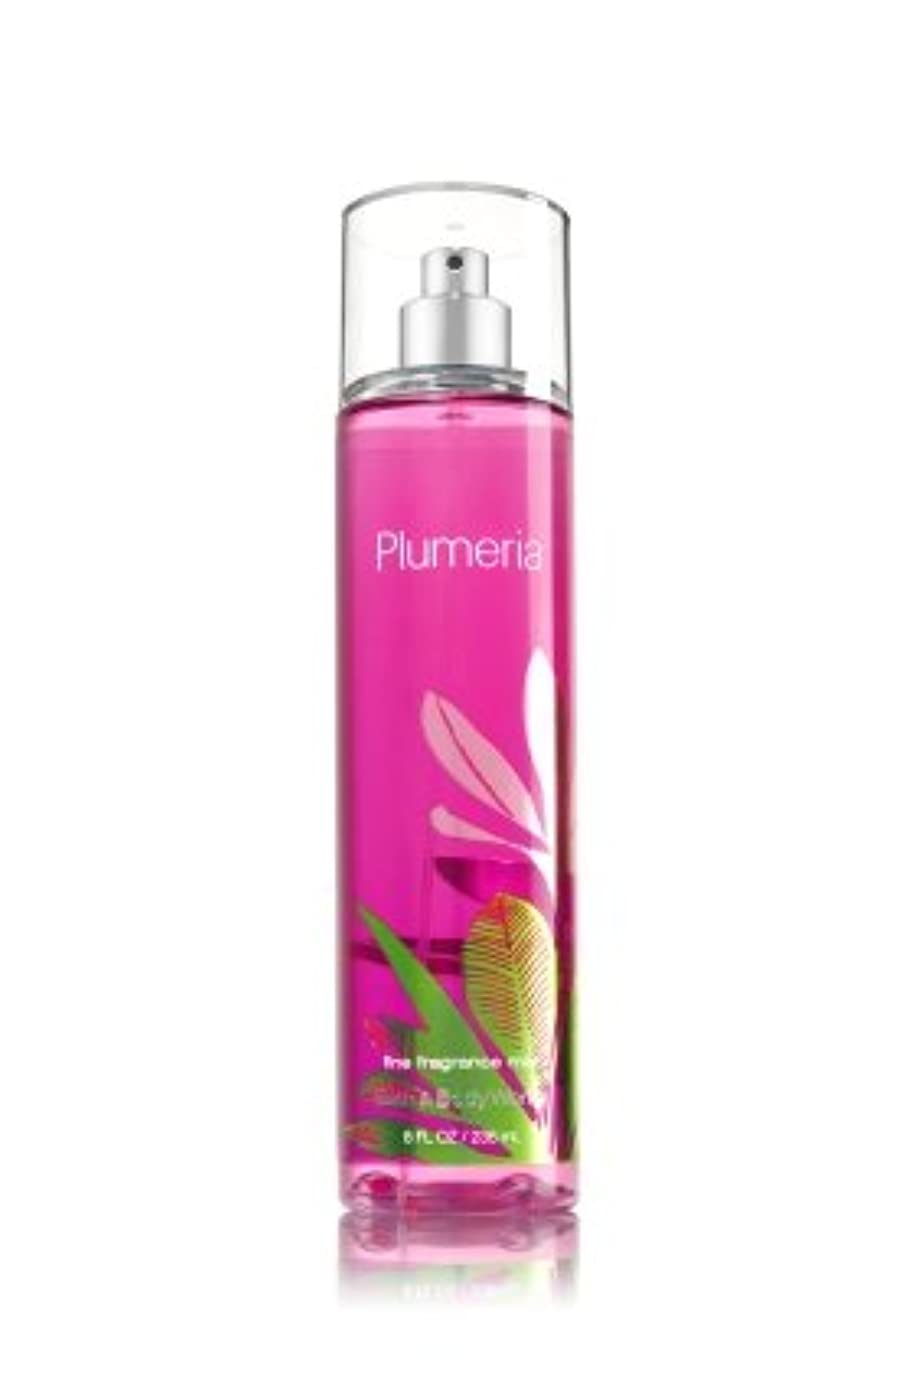 媒染剤有限煙【Bath&Body Works/バス&ボディワークス】 ファインフレグランスミスト プルメリア Fine Fragrance Mist Plumeria 8oz (236ml) [並行輸入品]